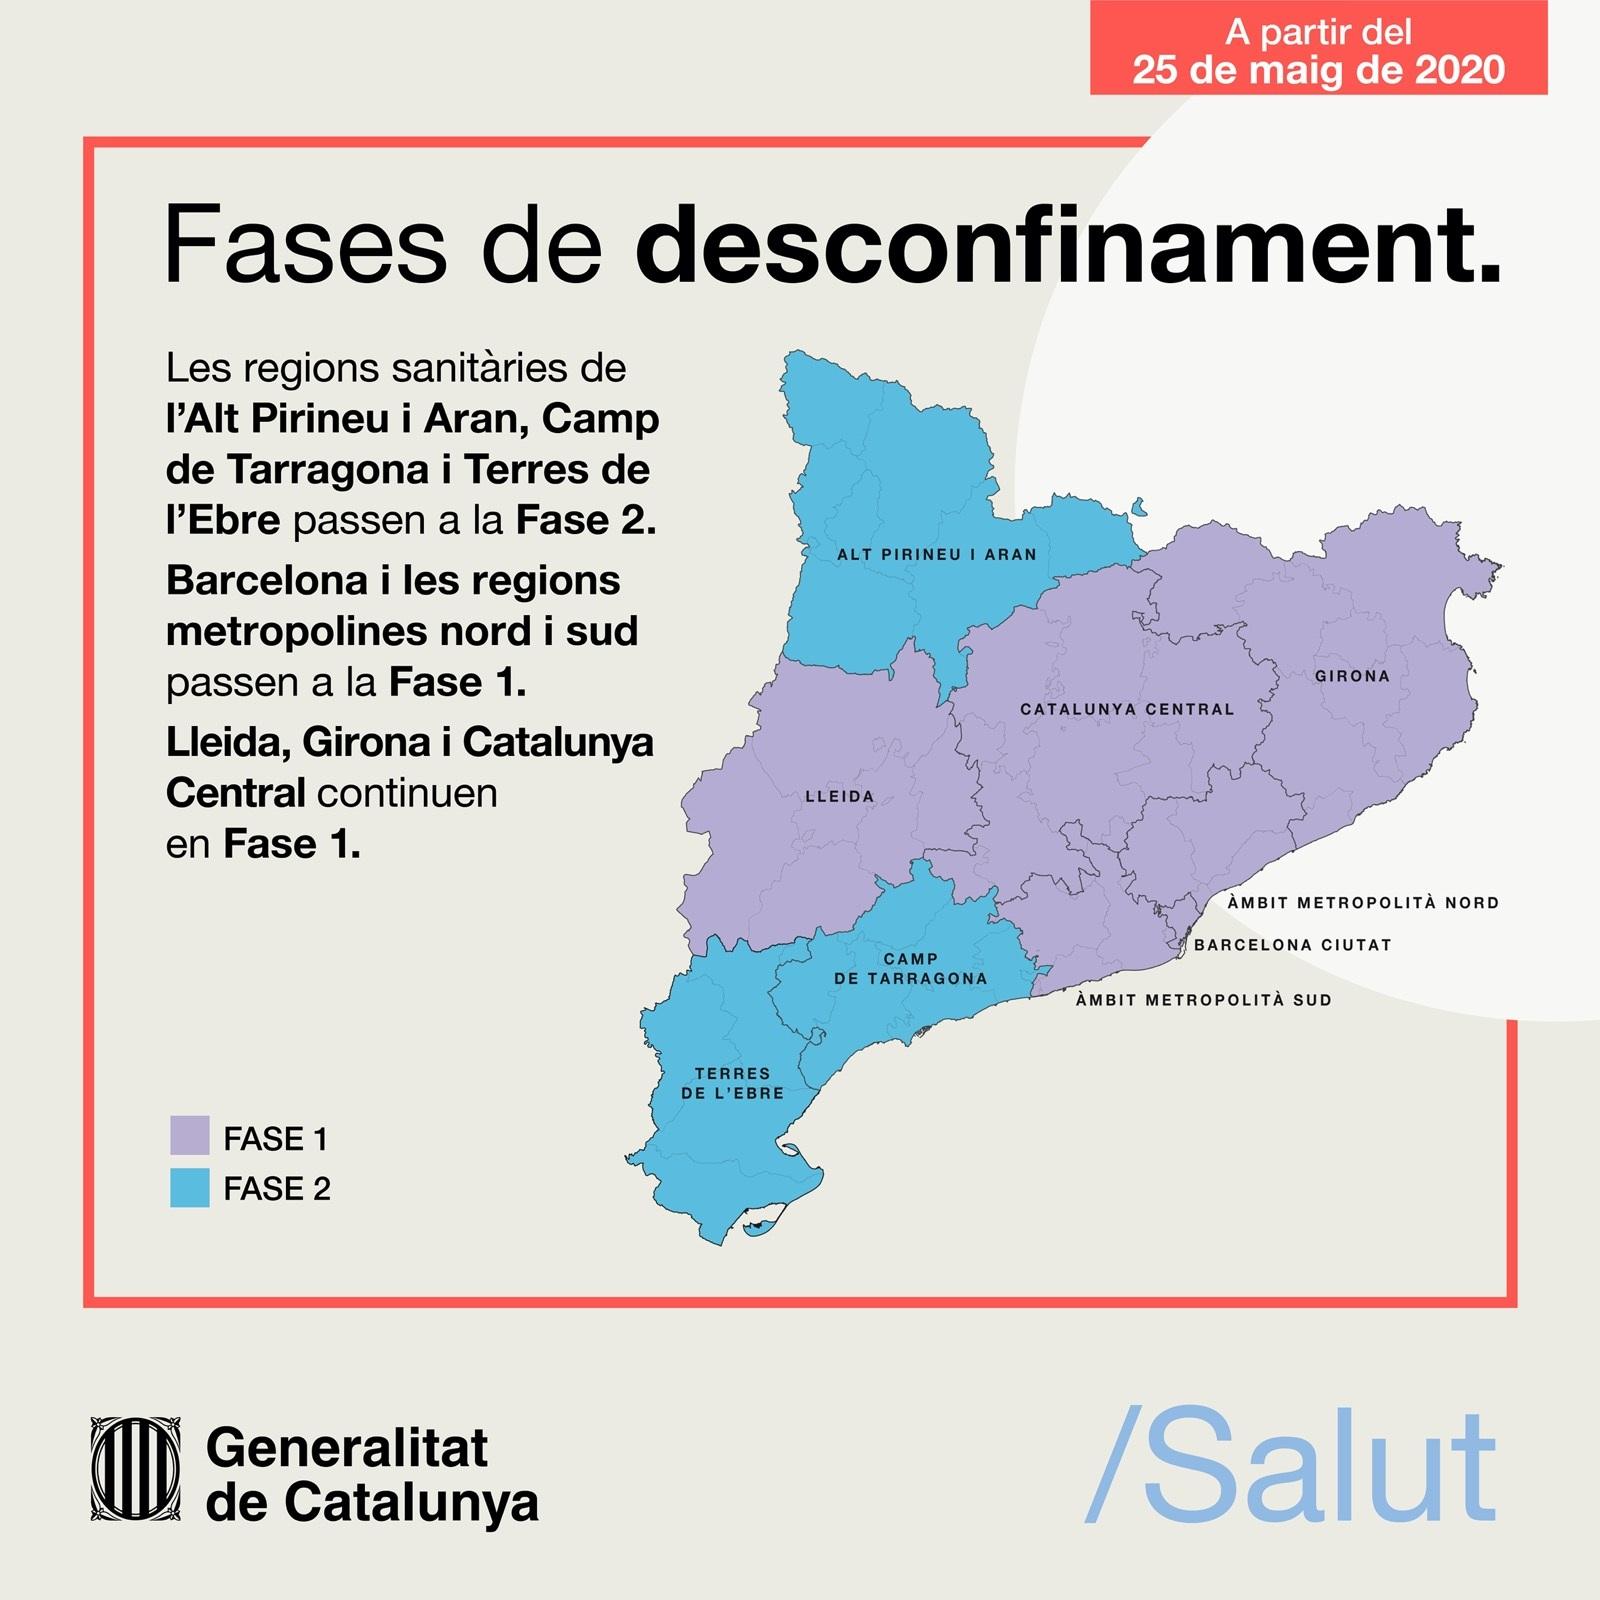 El dilluns 25 de maig la regió sanitària del Camp de Tarragona passa a la fase 2 del desconfinament